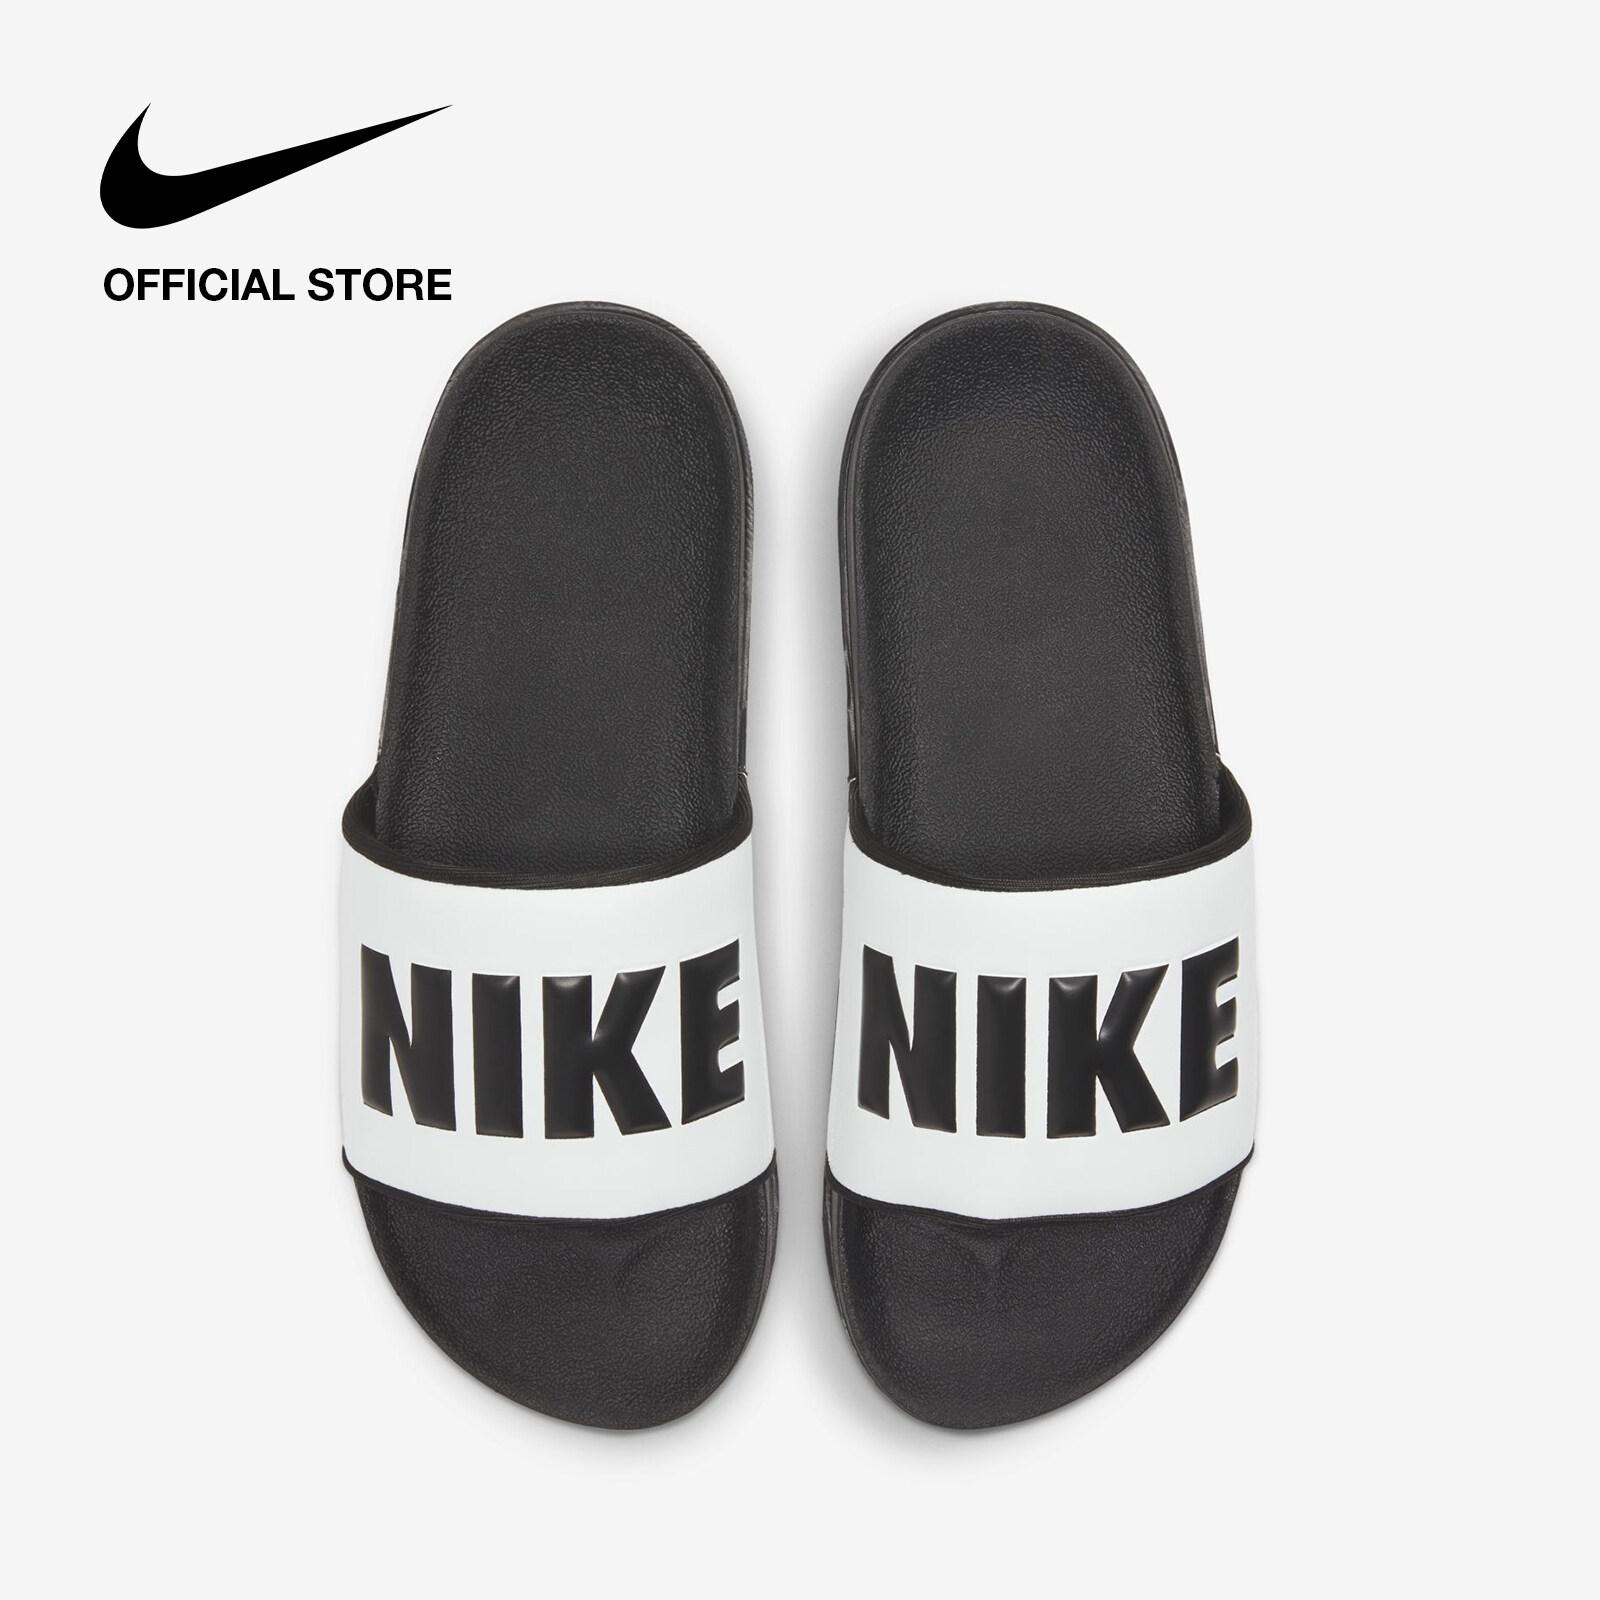 รีวิว Nike Women's Offcourt Slide - Black ไนกี้ รองเท้าแตะผู้หญิง ออฟคอร์ท - สีดำ